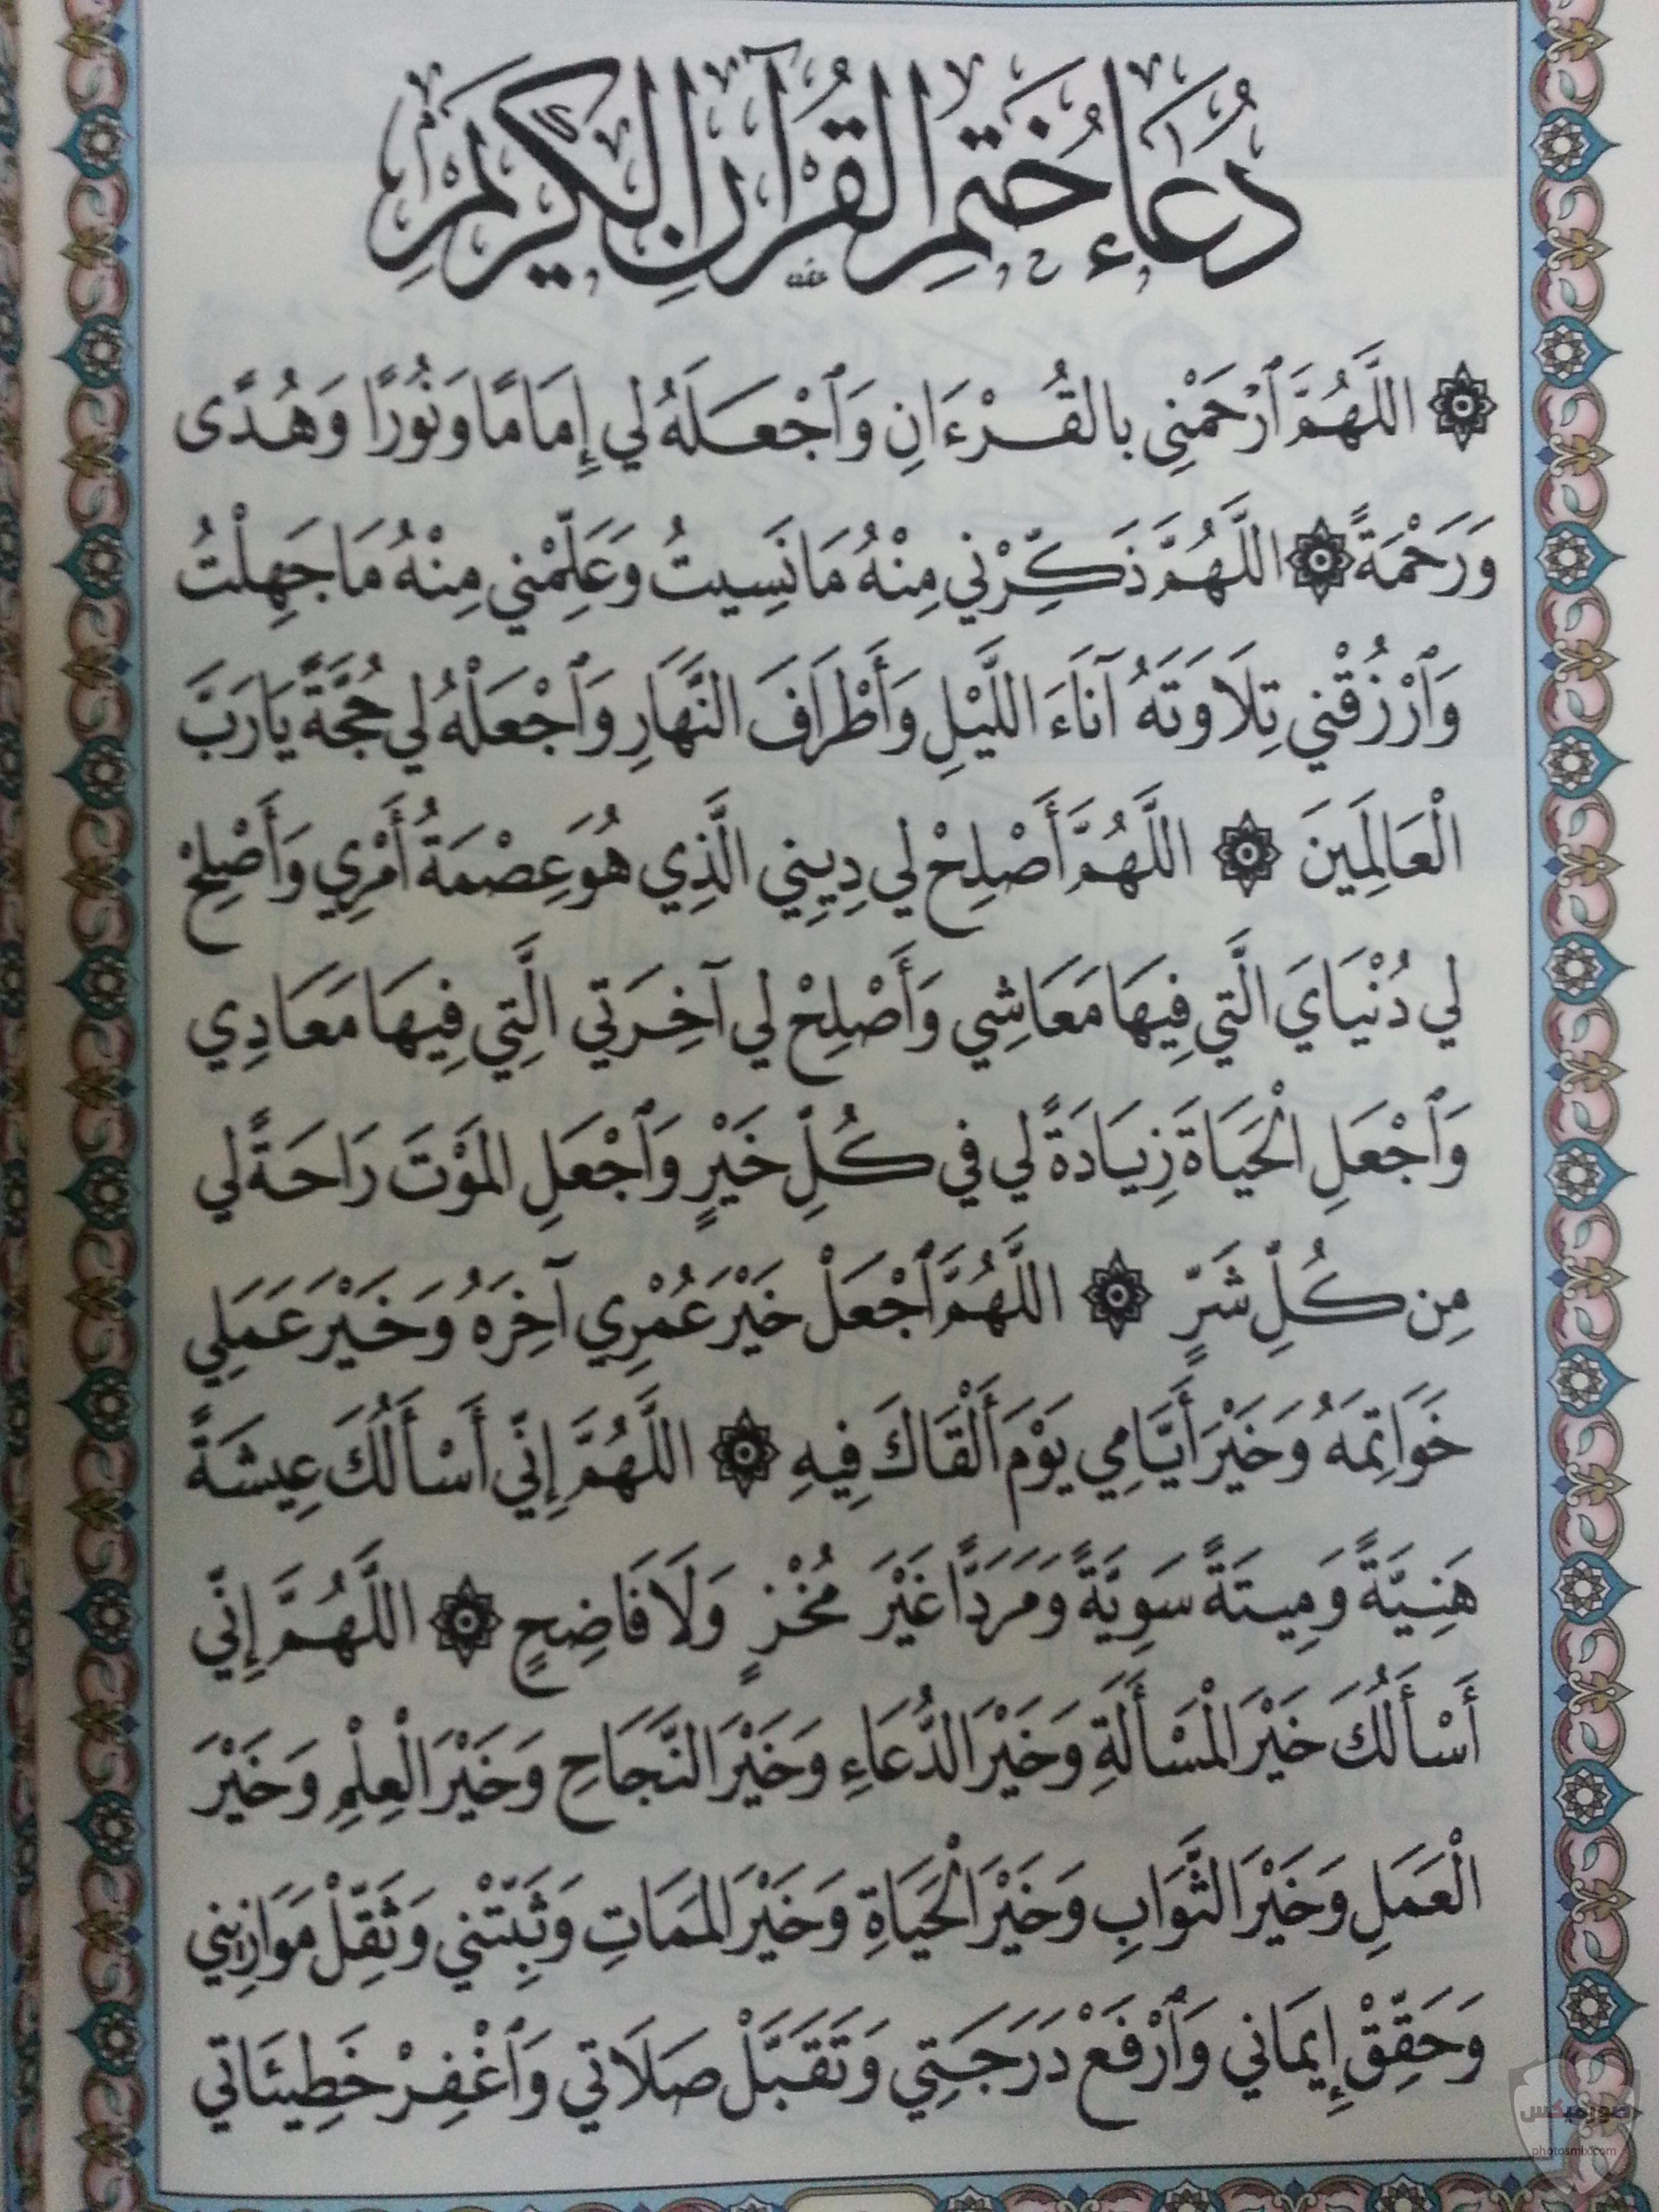 صور قرآن جميلة صور دعاء ادعية مصور صور وخلفيات مكتوب عليها الله 3